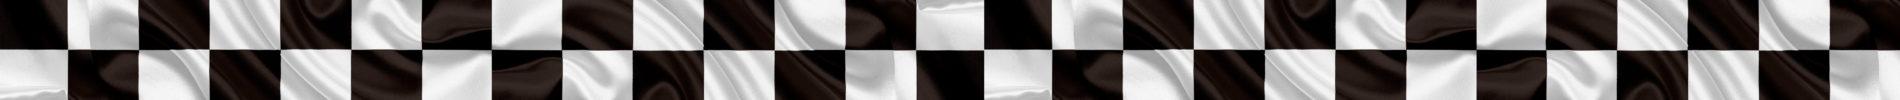 Bandera Cuadros Motorsport Recalvi